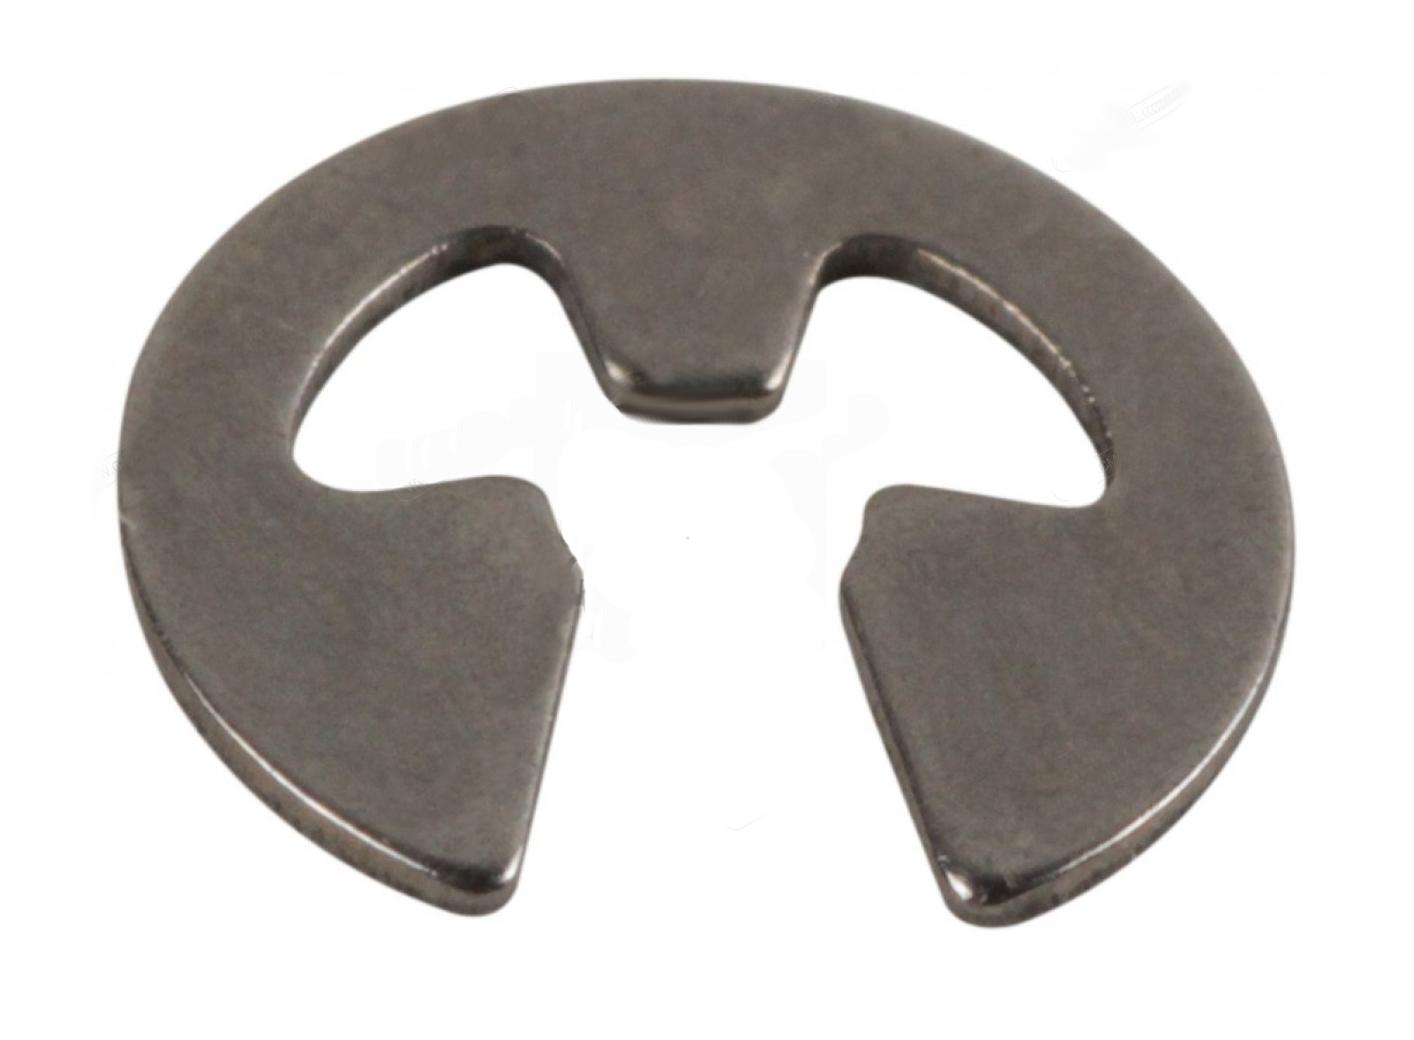 Needle Clip 164-14137-00-00 Circlip for XT500 TT500 SR500 Carburetor 2-110